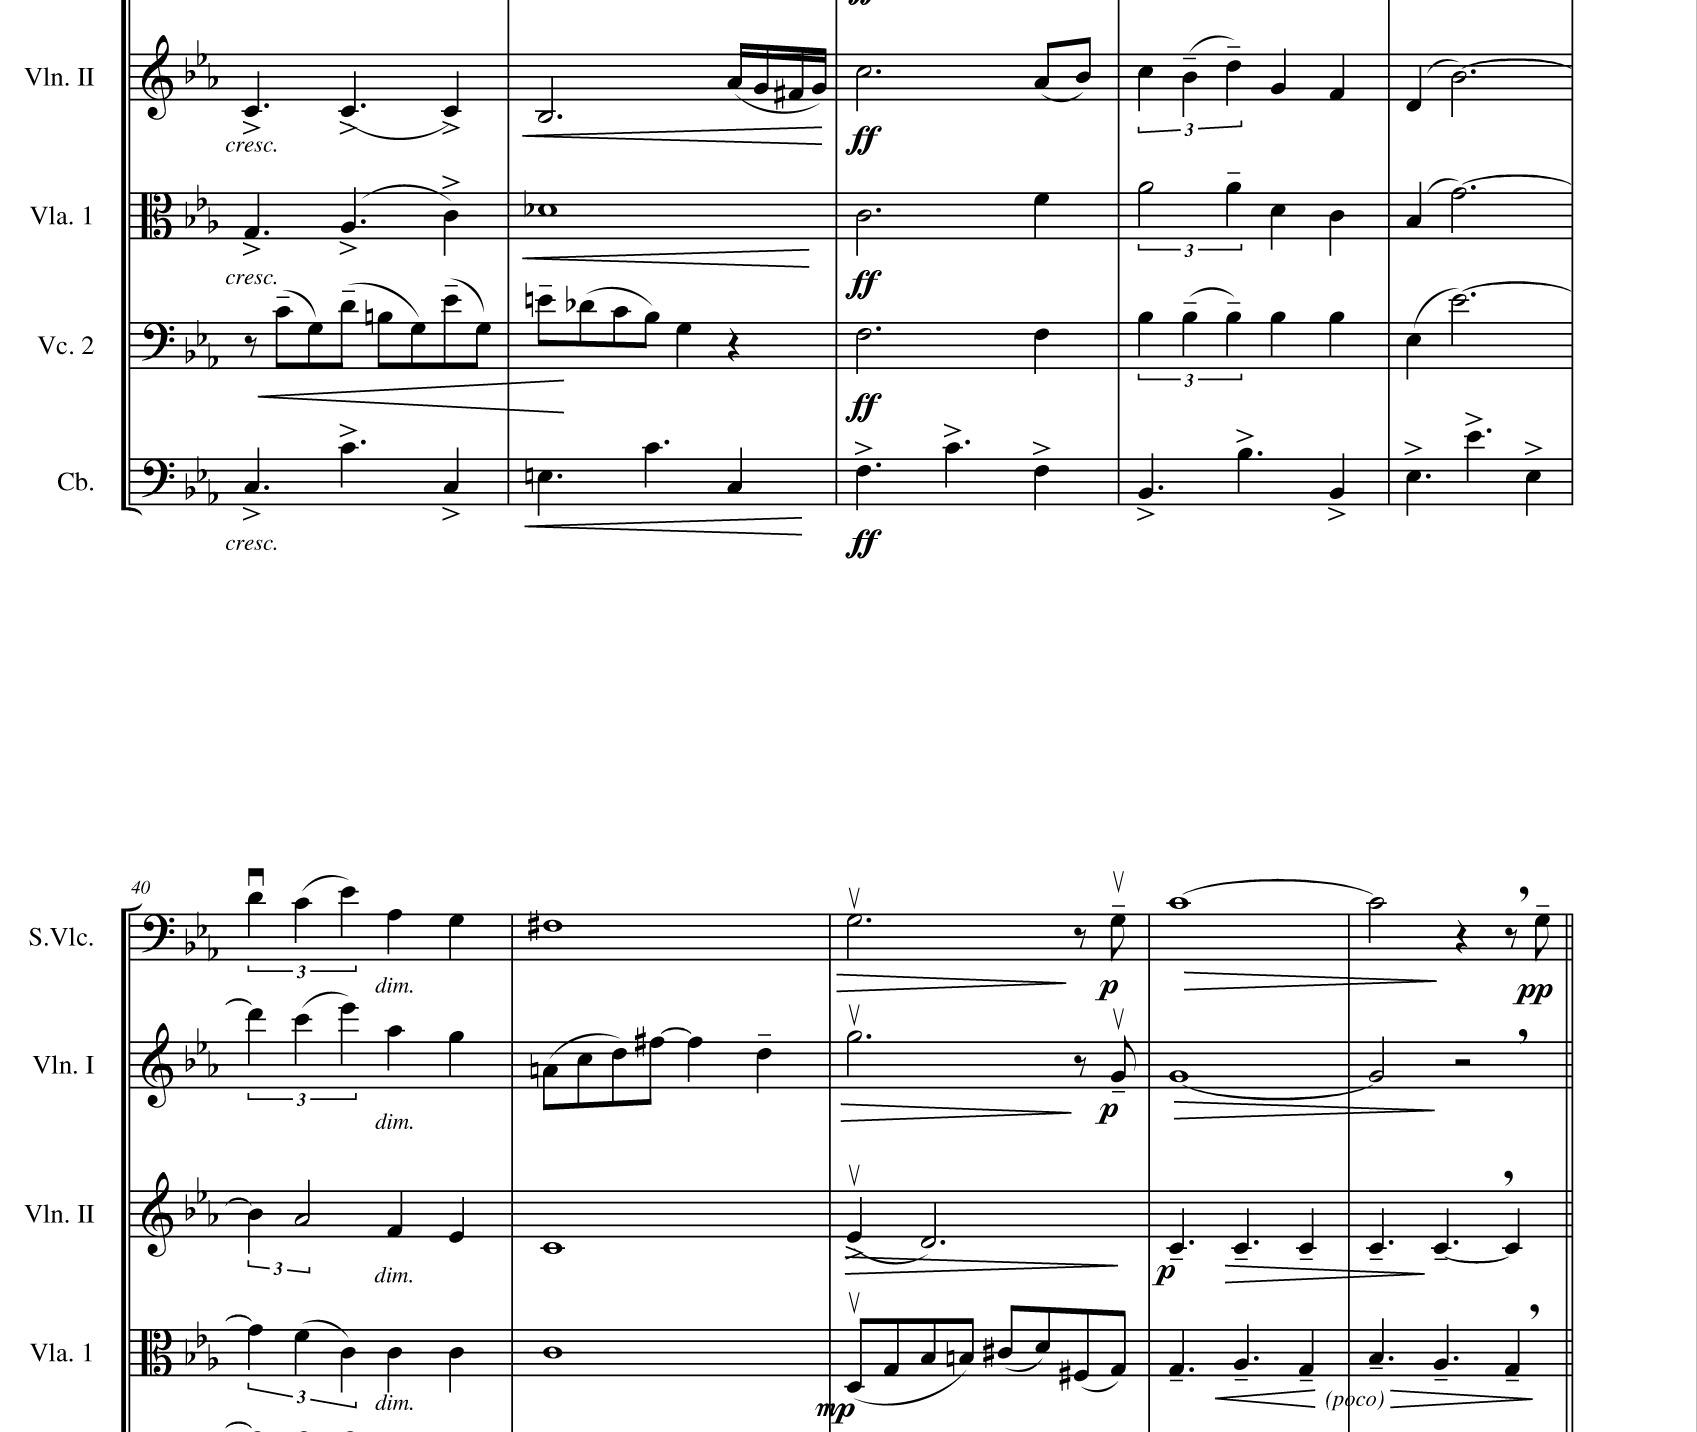 Christmas Canon Piano Solo: Music Piano Cello Orchestra 1920x1200